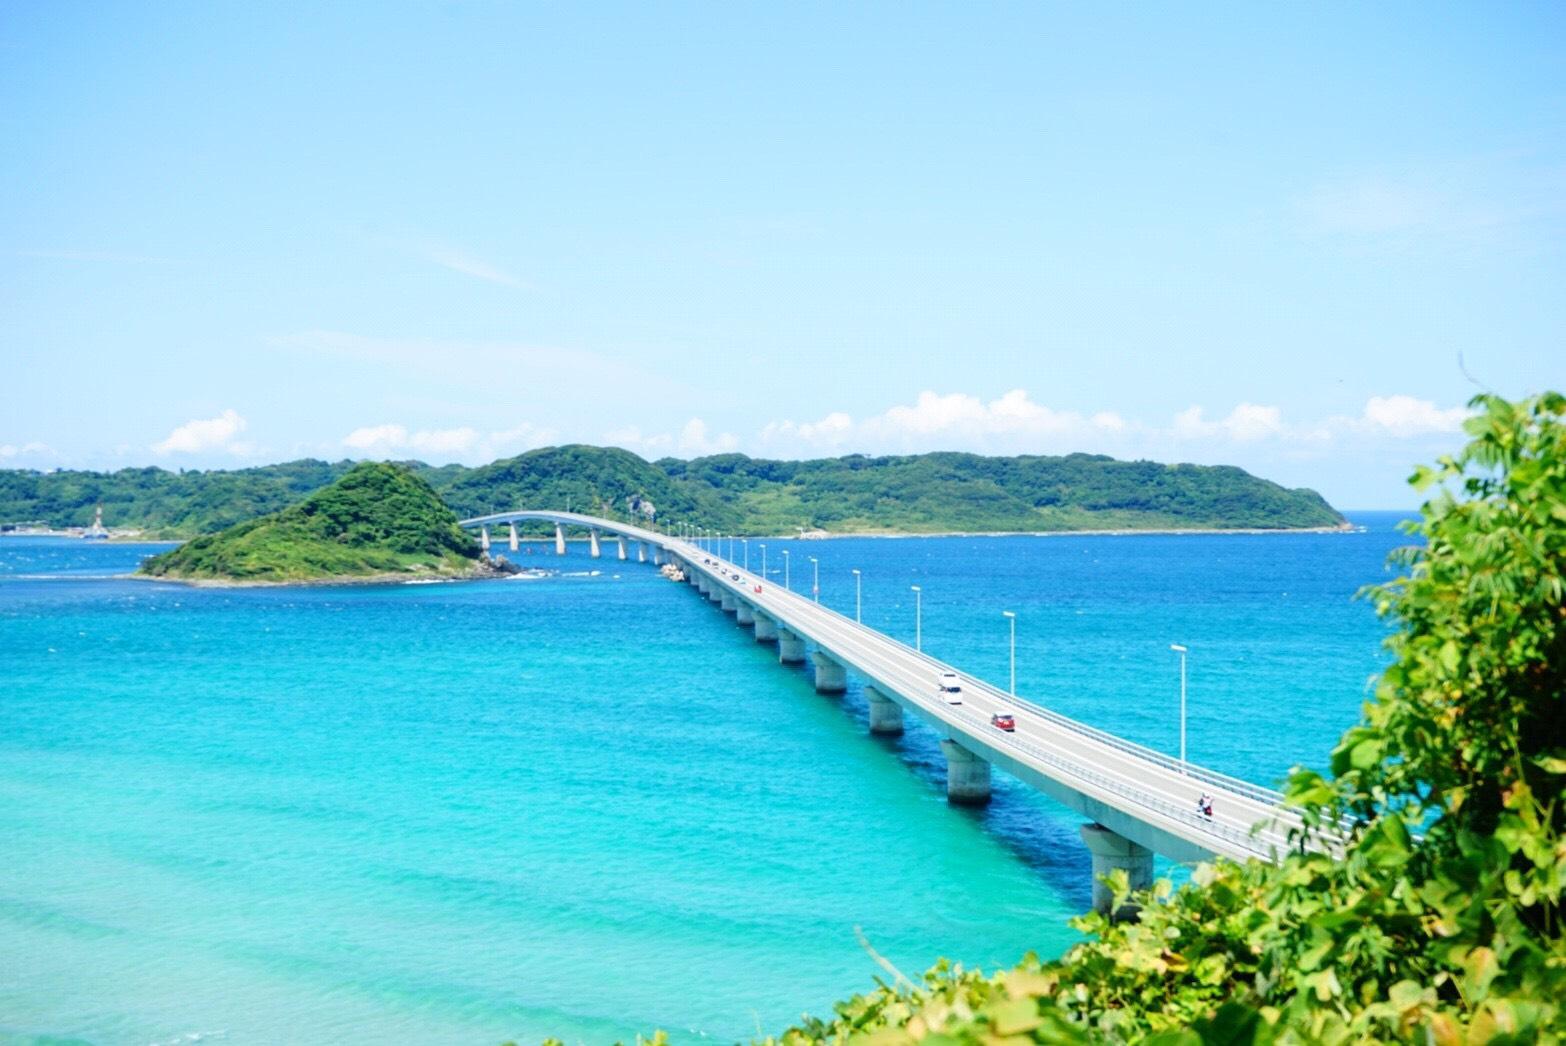 山口県角島大橋へのアクセス!晴れを狙って一度は行きたい絶景ポイント